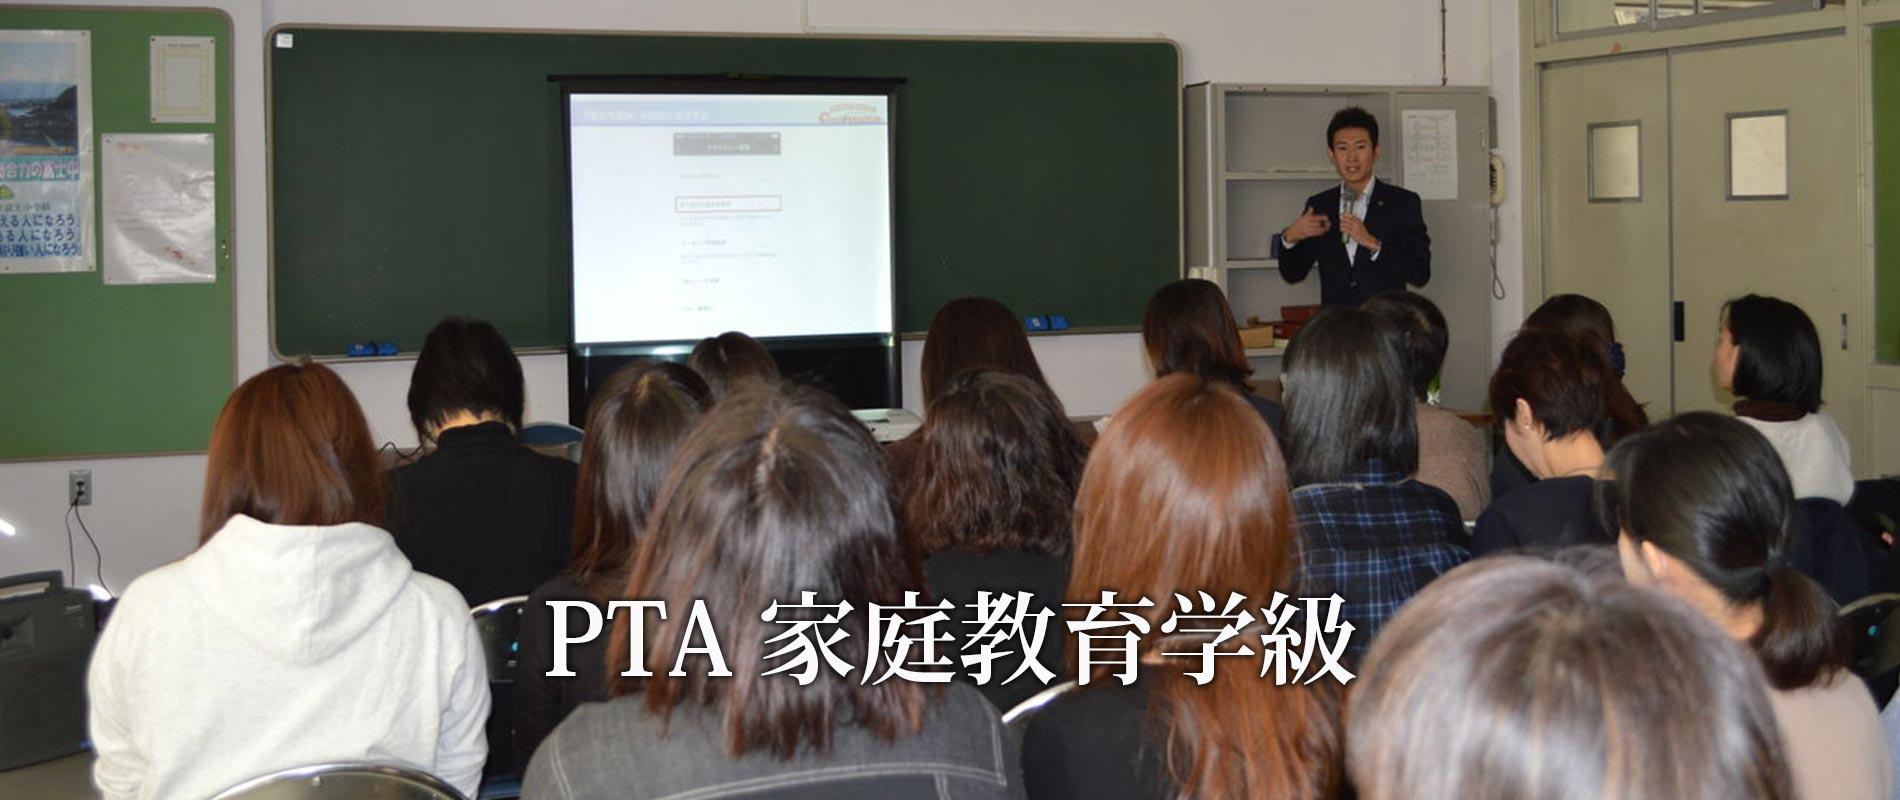 PTA家庭教育学級スライドイメージ